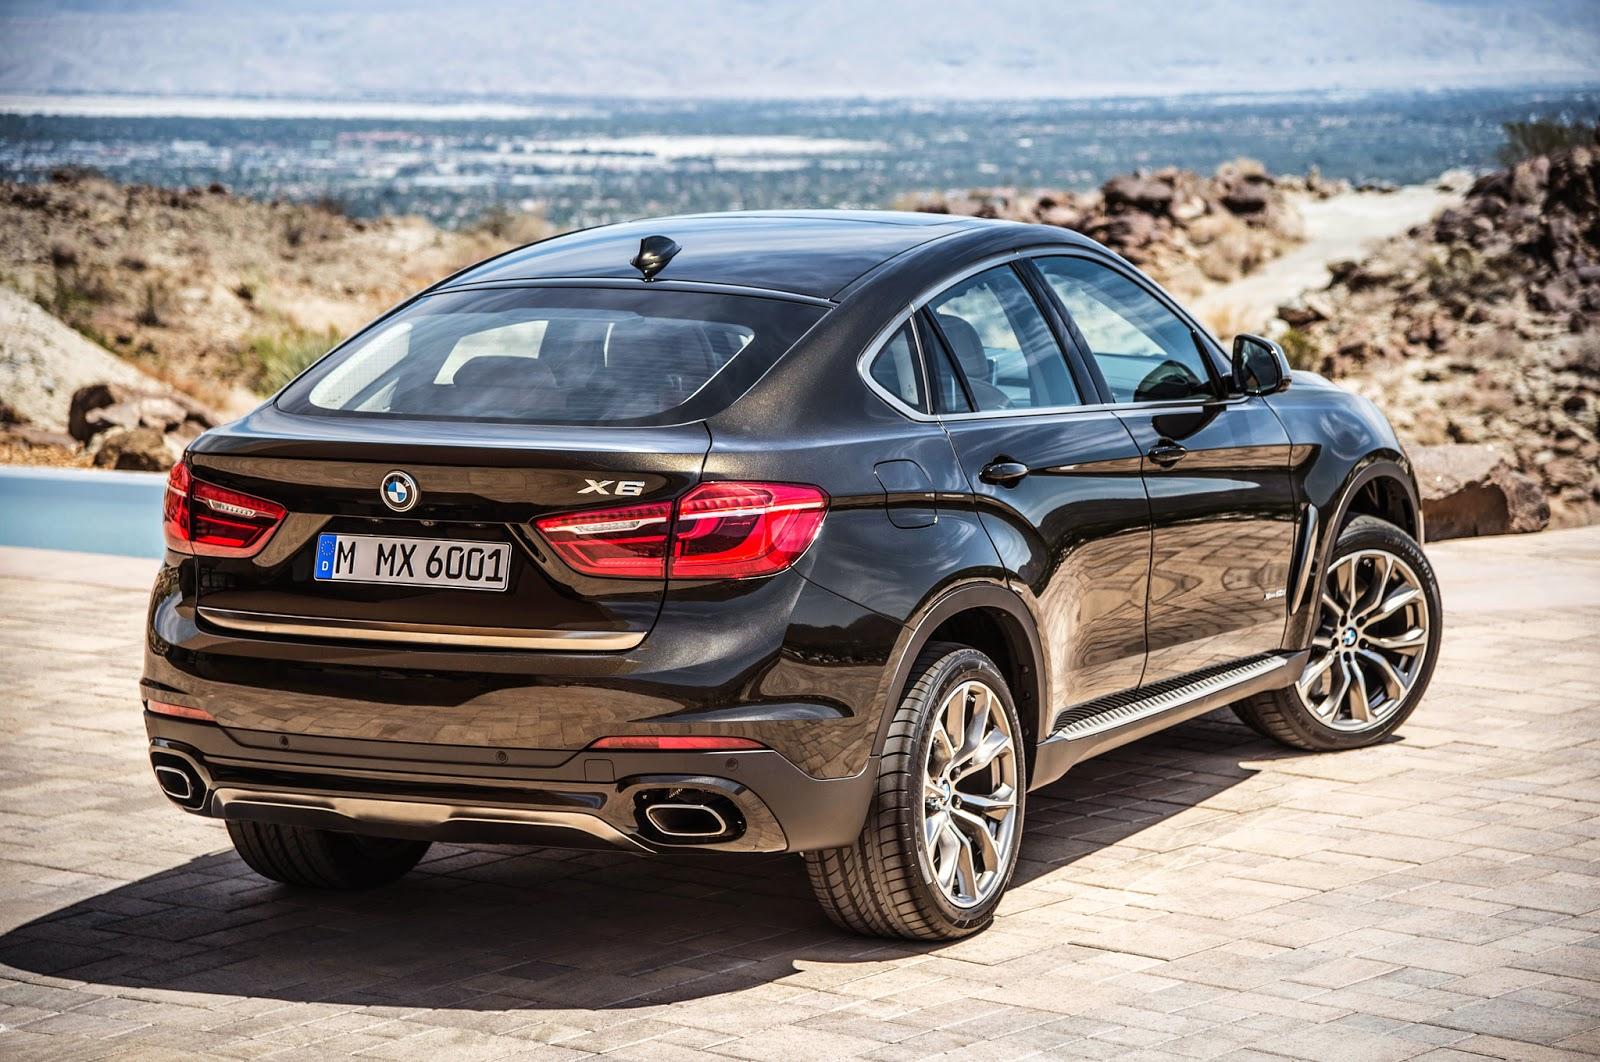 BMW X6 Full HD Wallpaper